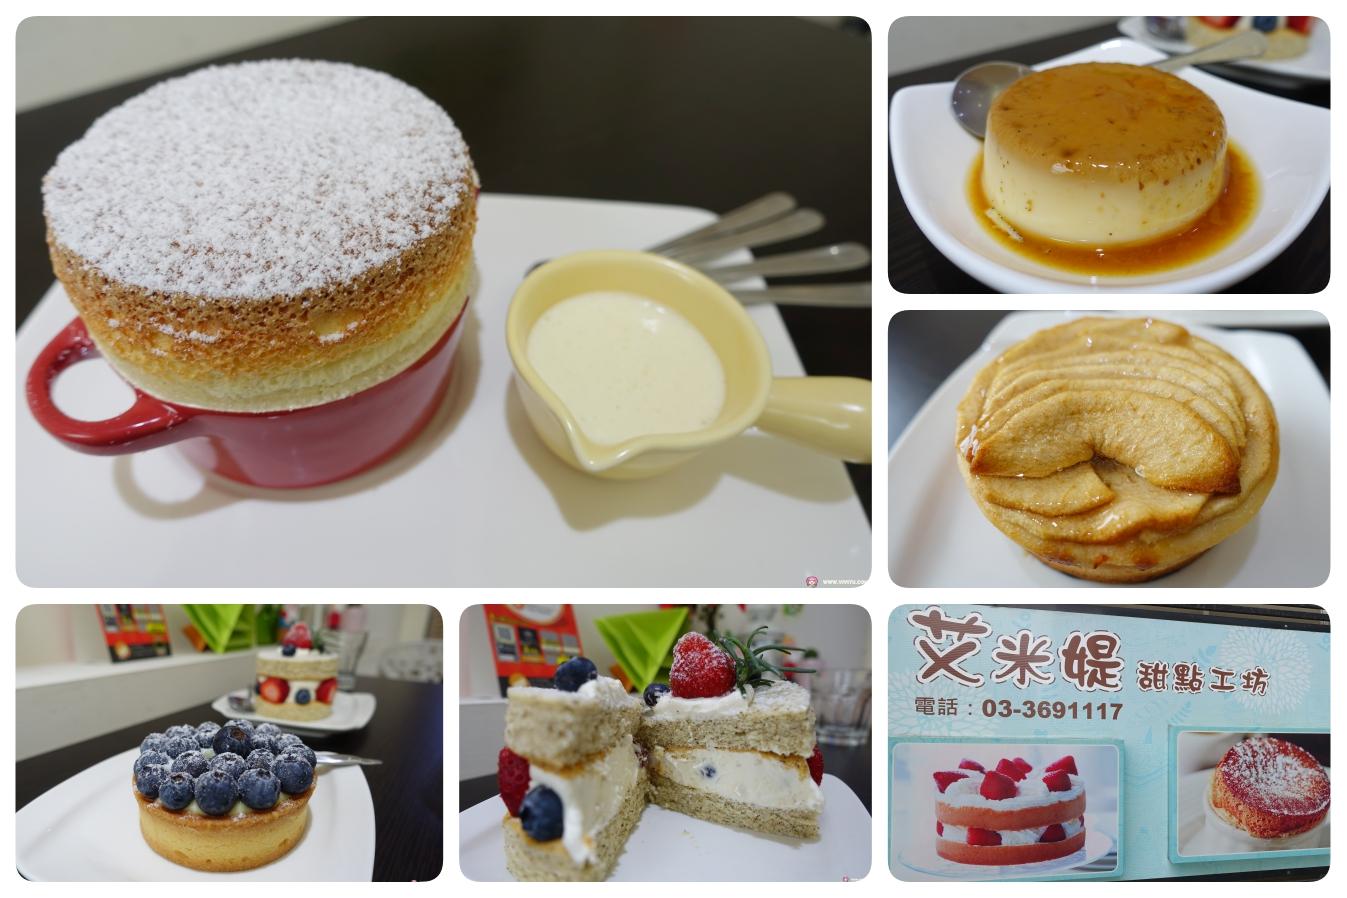 [桃園甜點]艾米媞甜點工坊.法國藍帶甜點師傅~甜點蛋糕咖啡下午茶.遇見夢幻甜點香草舒芙蕾